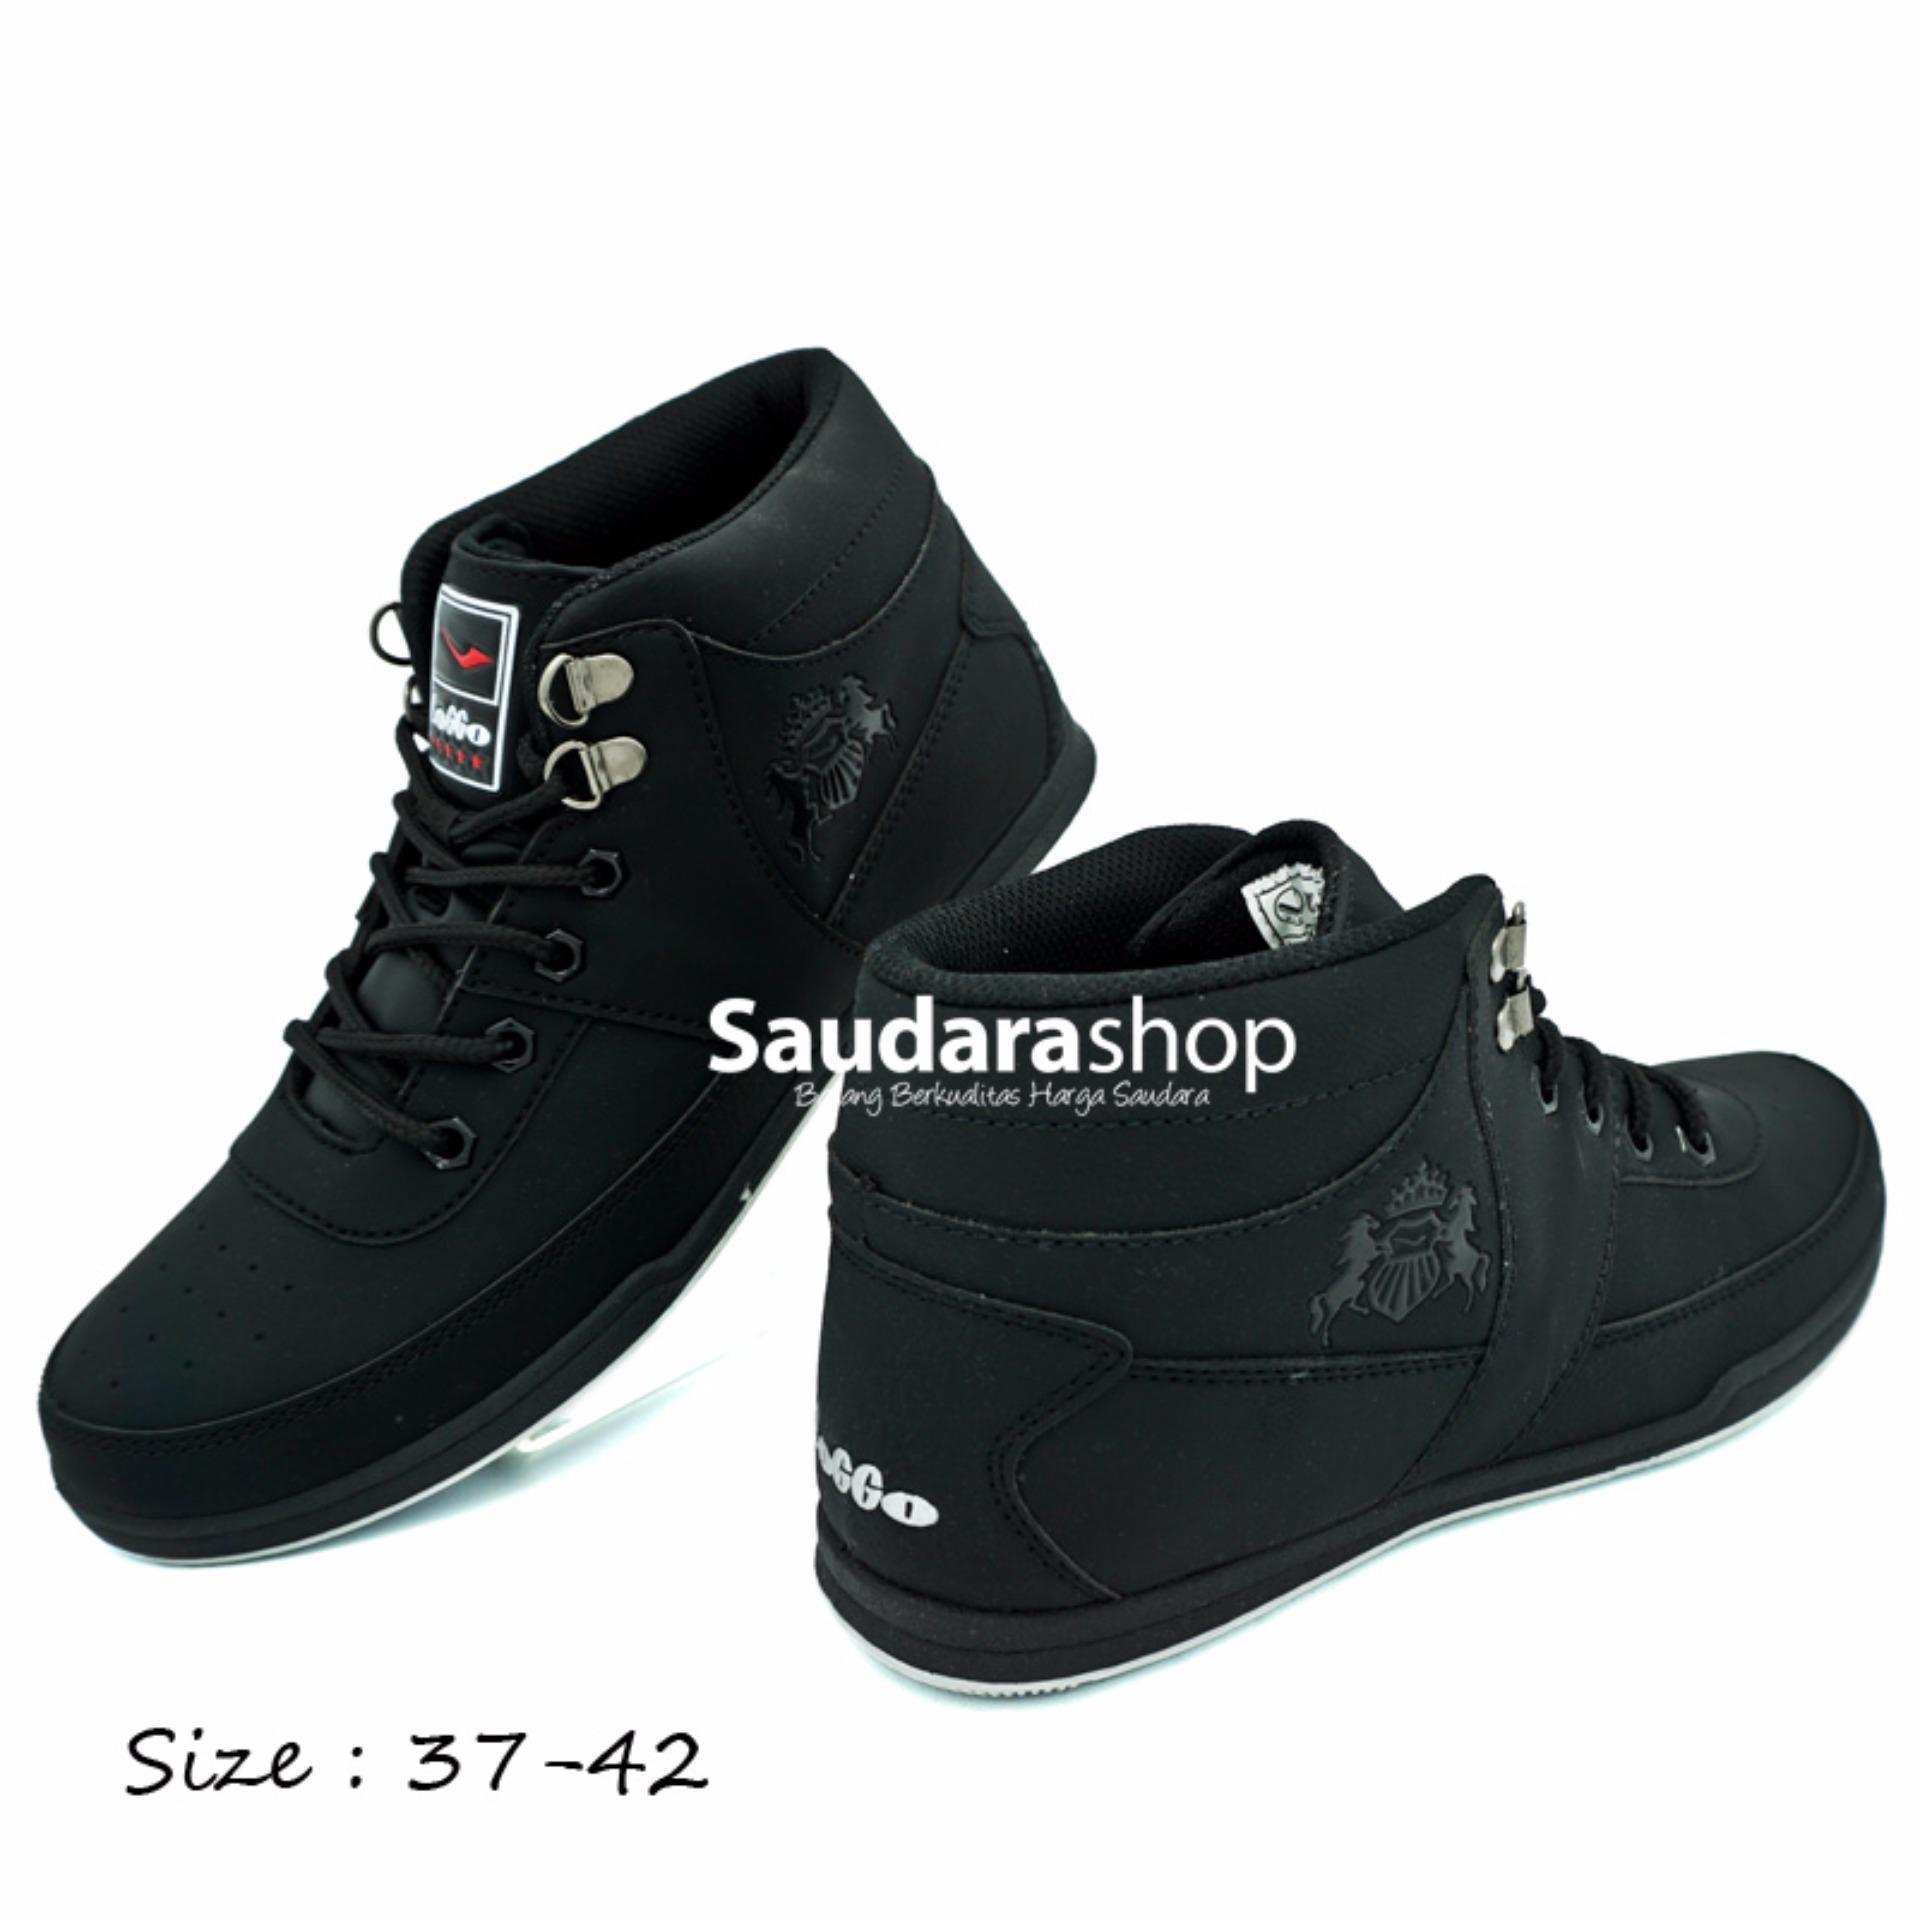 Katalog Loggo Tobia Sepatu Sekolah High All Black 37 42 Sepatu Sekolah Tinggi Loggo Terbaru